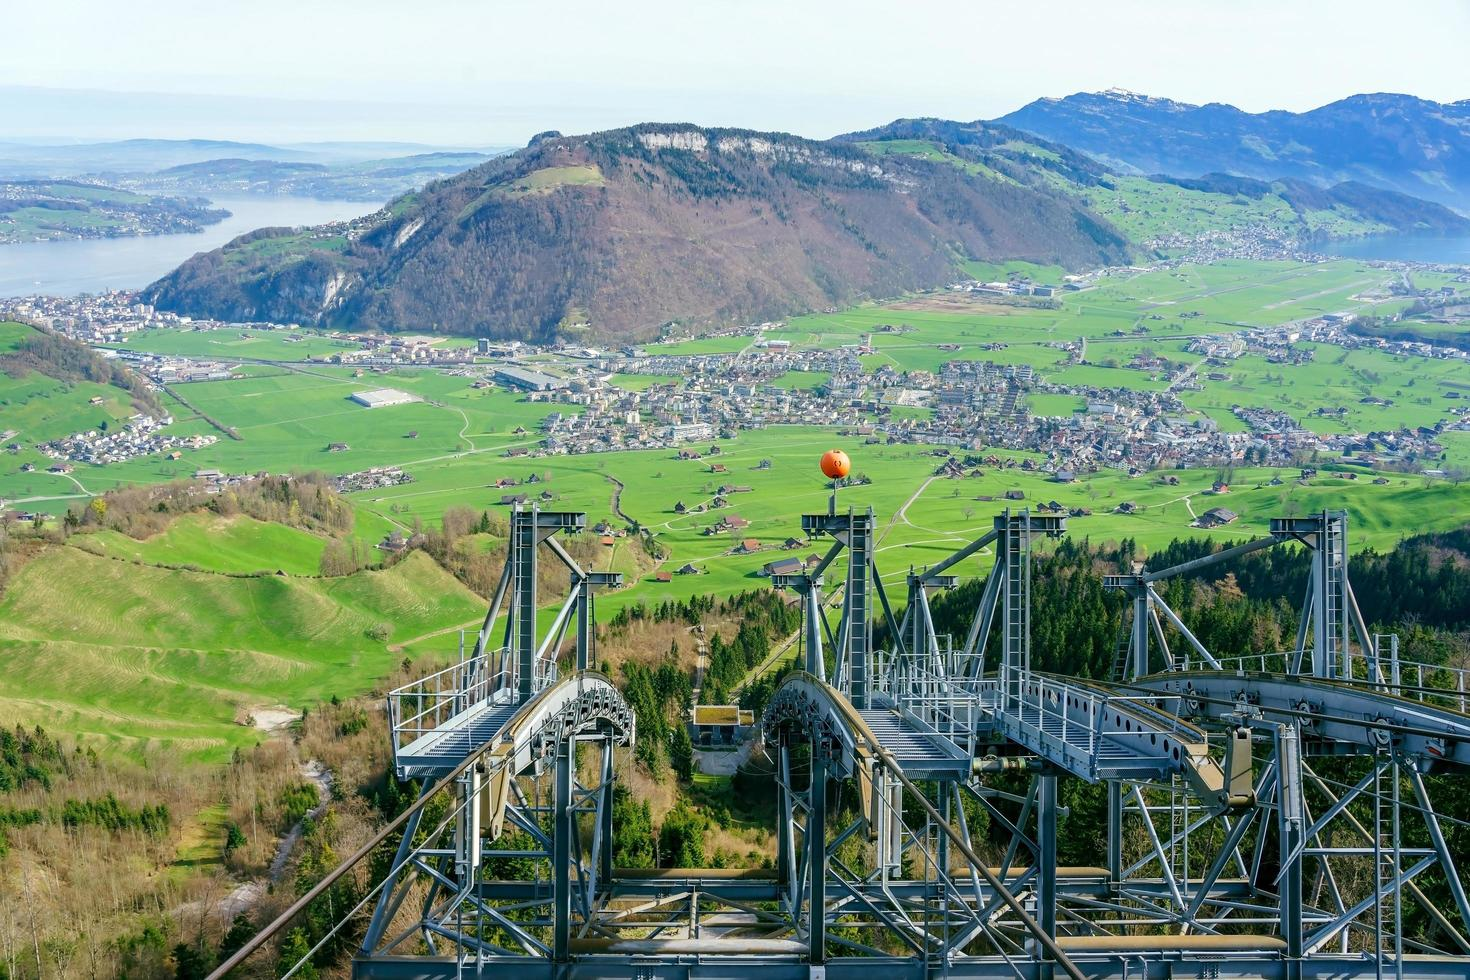 View from Mt. Stanserhorn in Switzerland photo